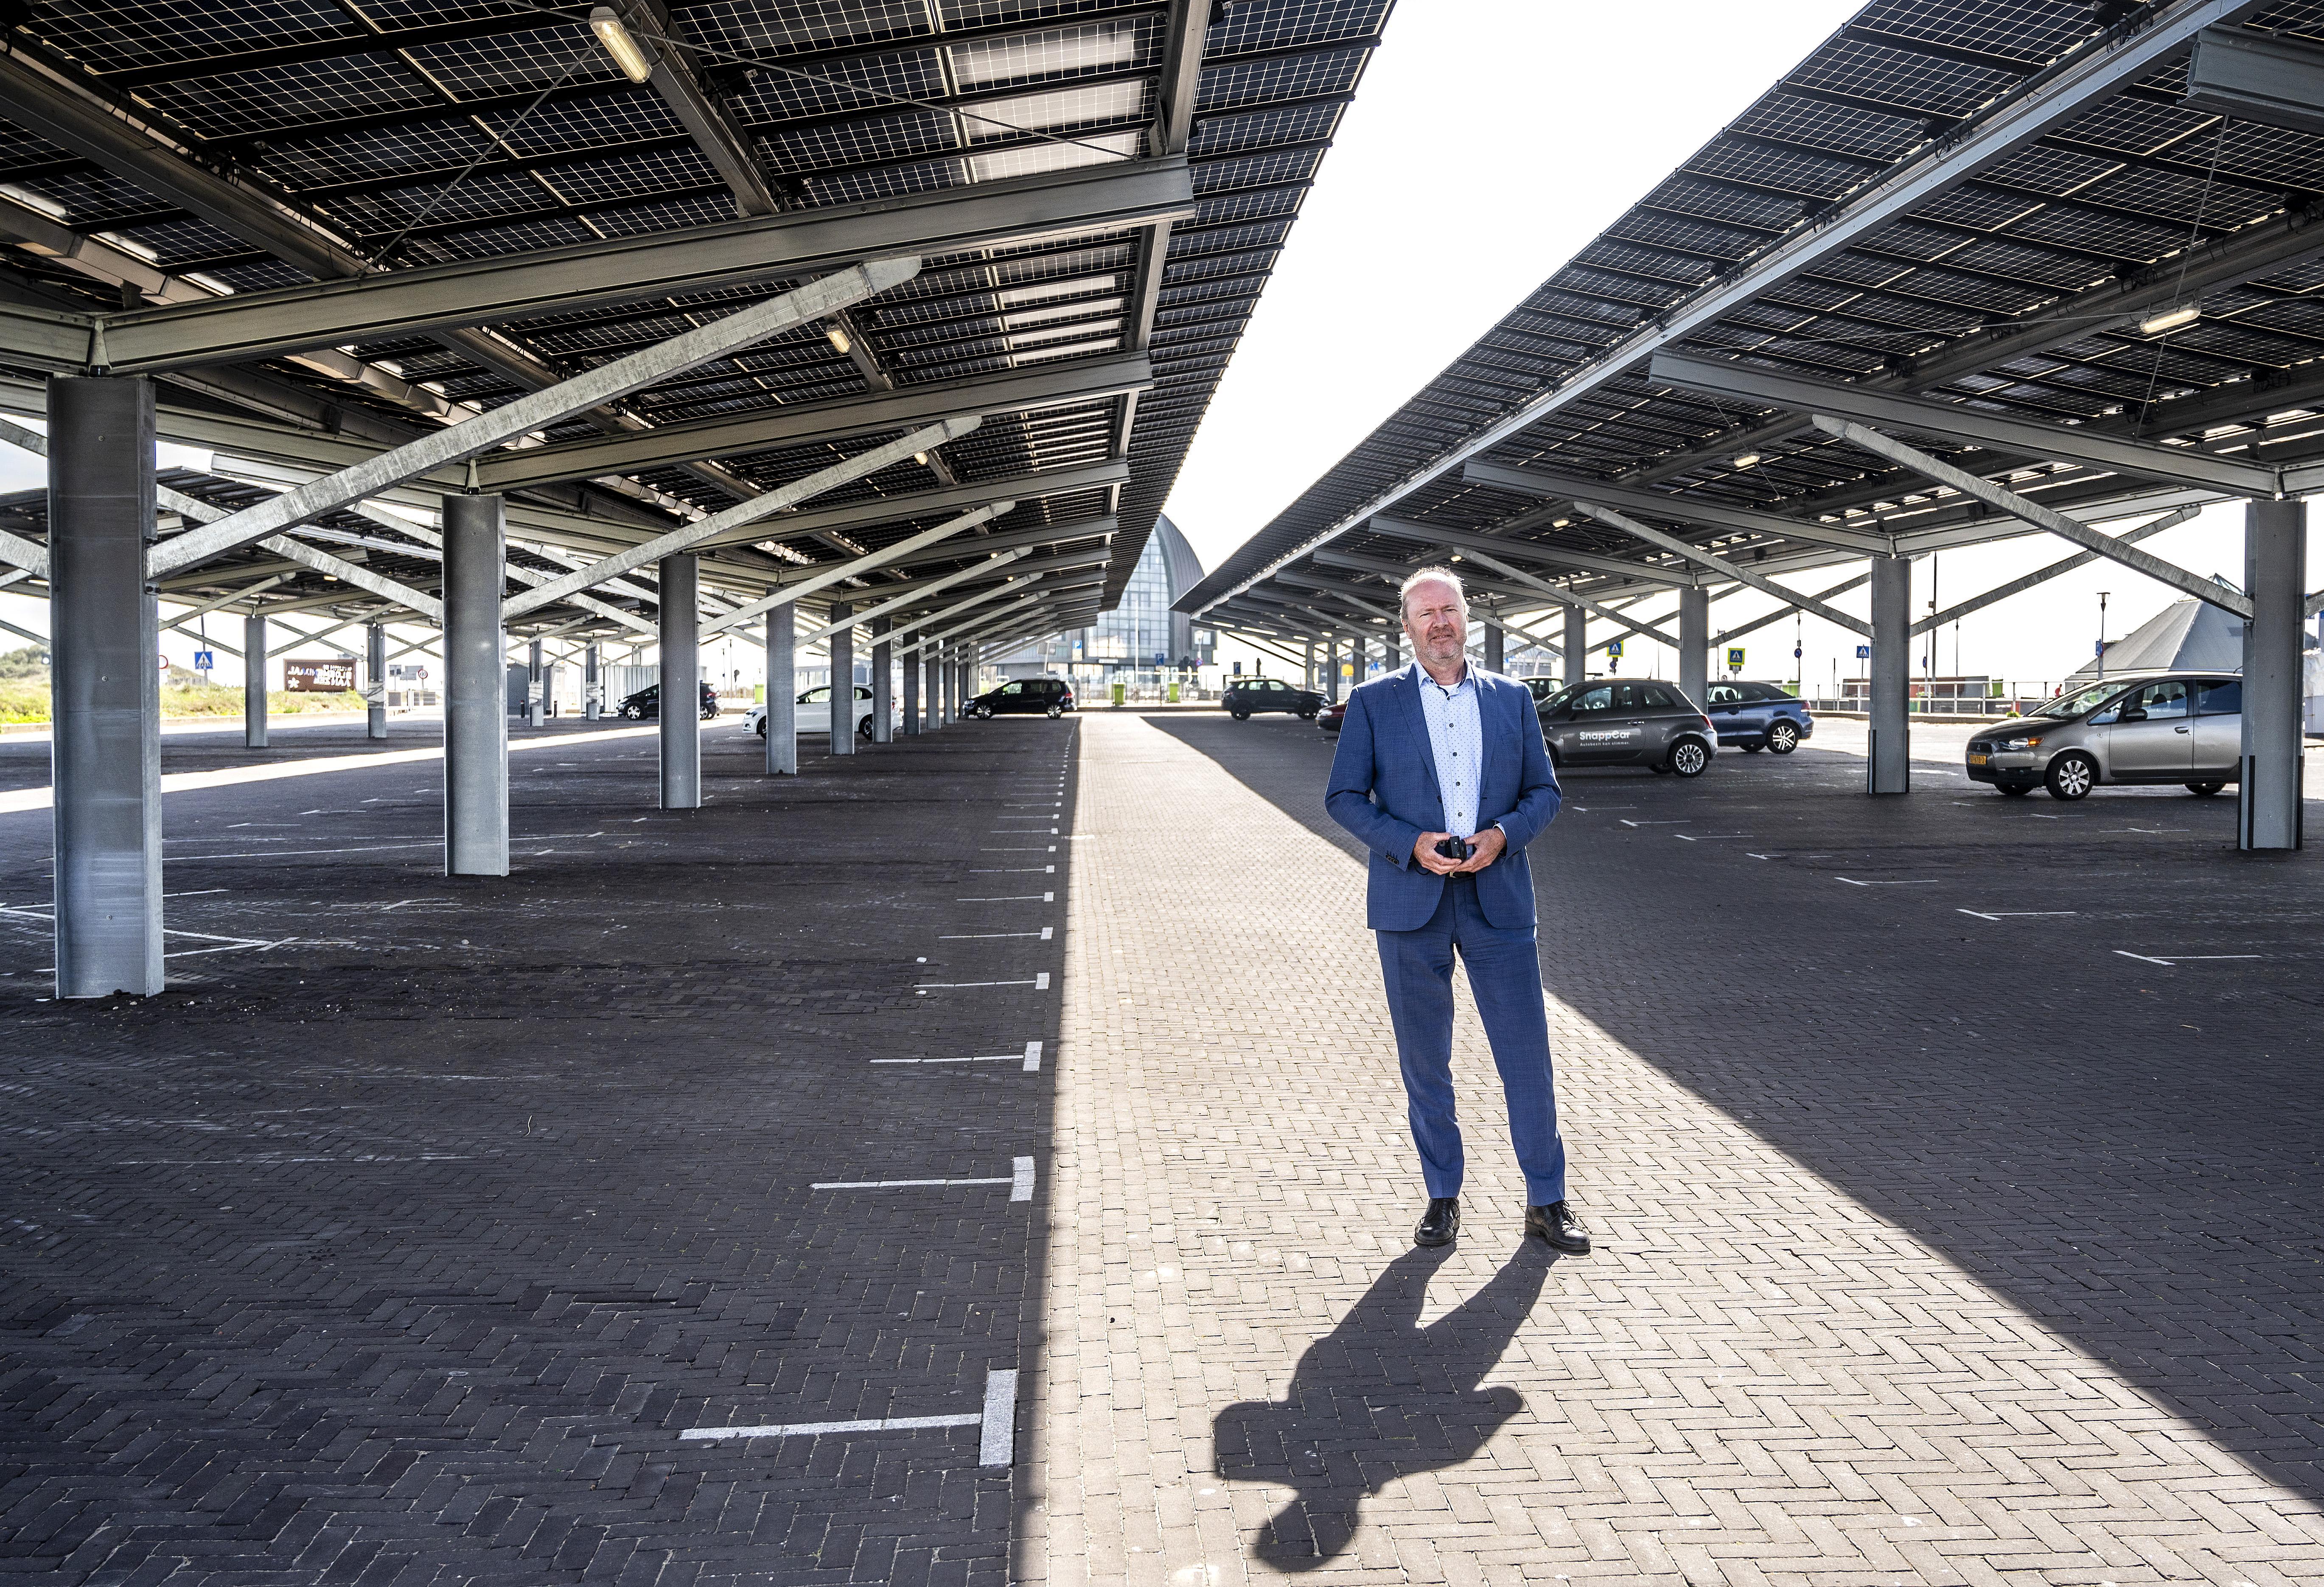 Eerste openbare parkeerplaats in Nederland met een dak van zonnepanelen is in Bloemendaal: energie voor zeshonderd gezinnen